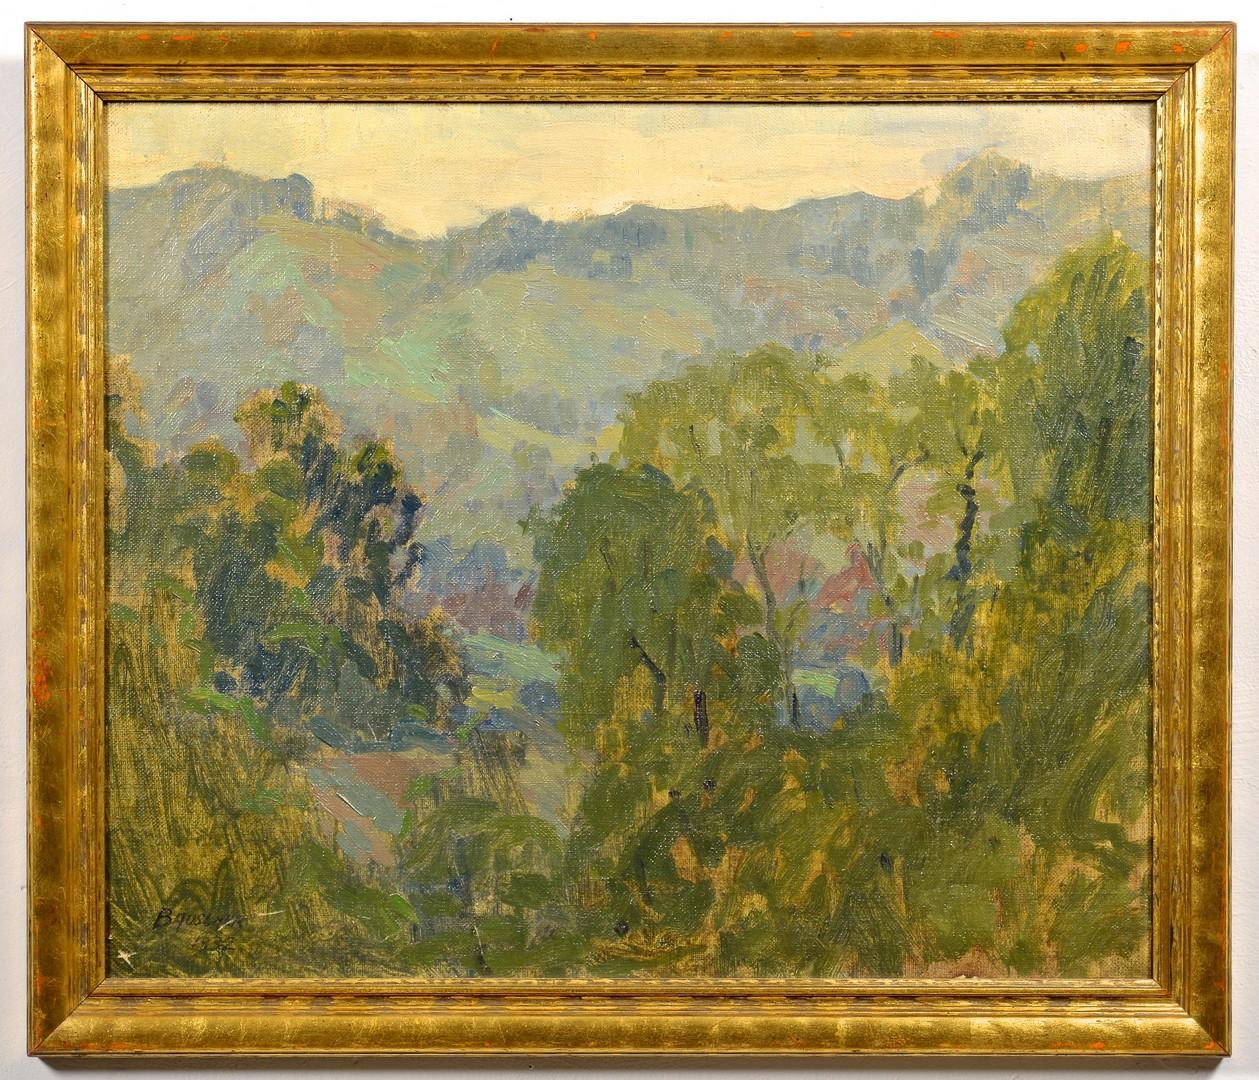 Lot 653: John T. Bauscher O/B, KY Landscape